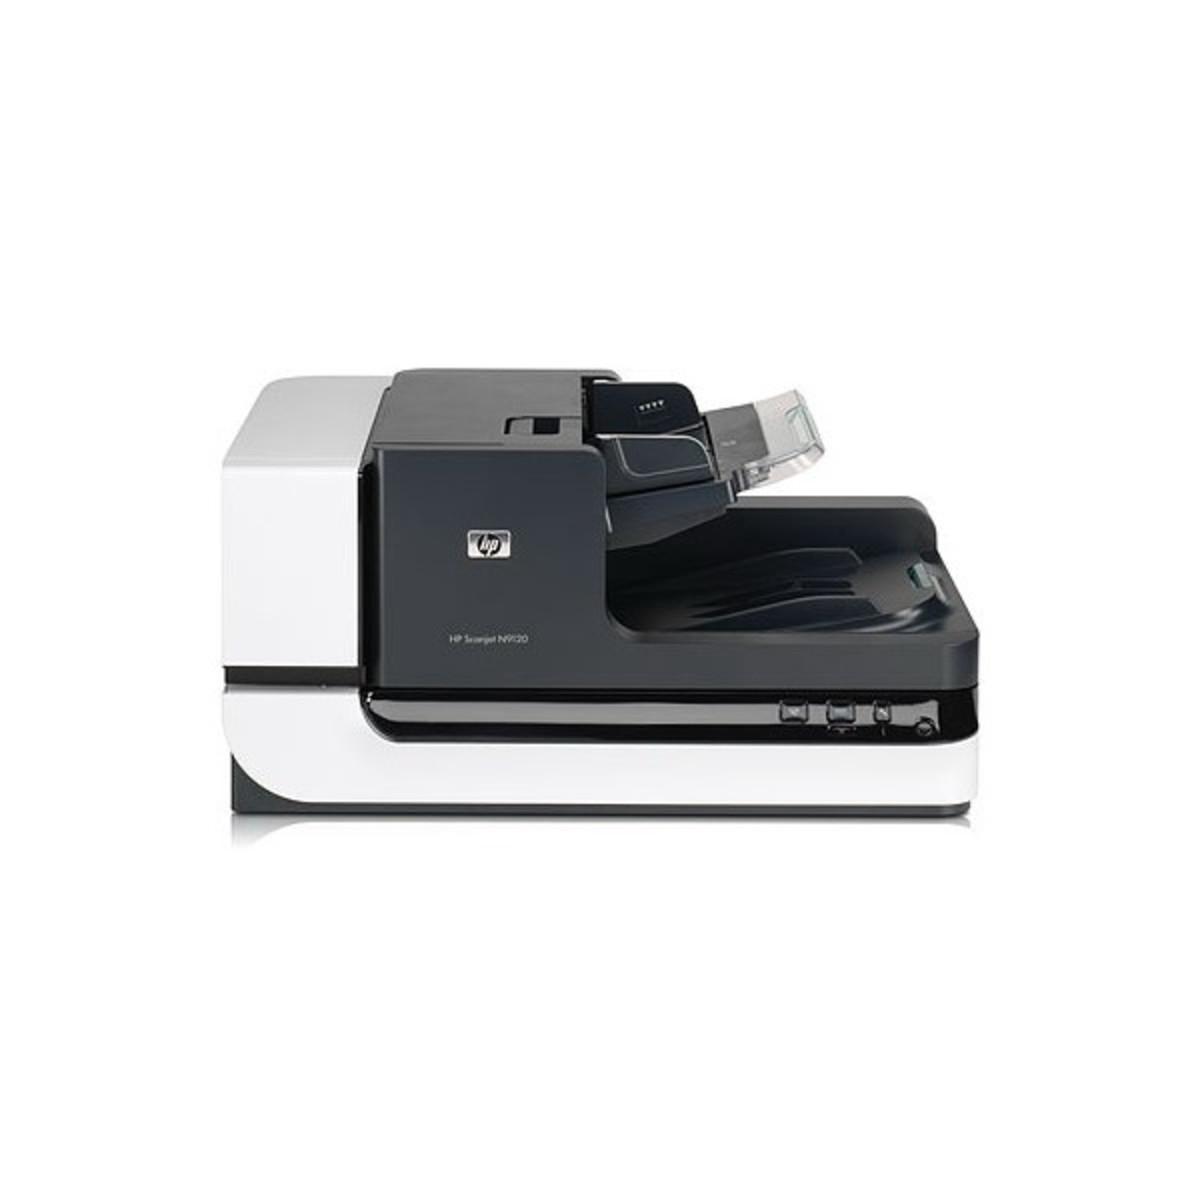 HP Scanjet N9120 Document Flatbed Scanner